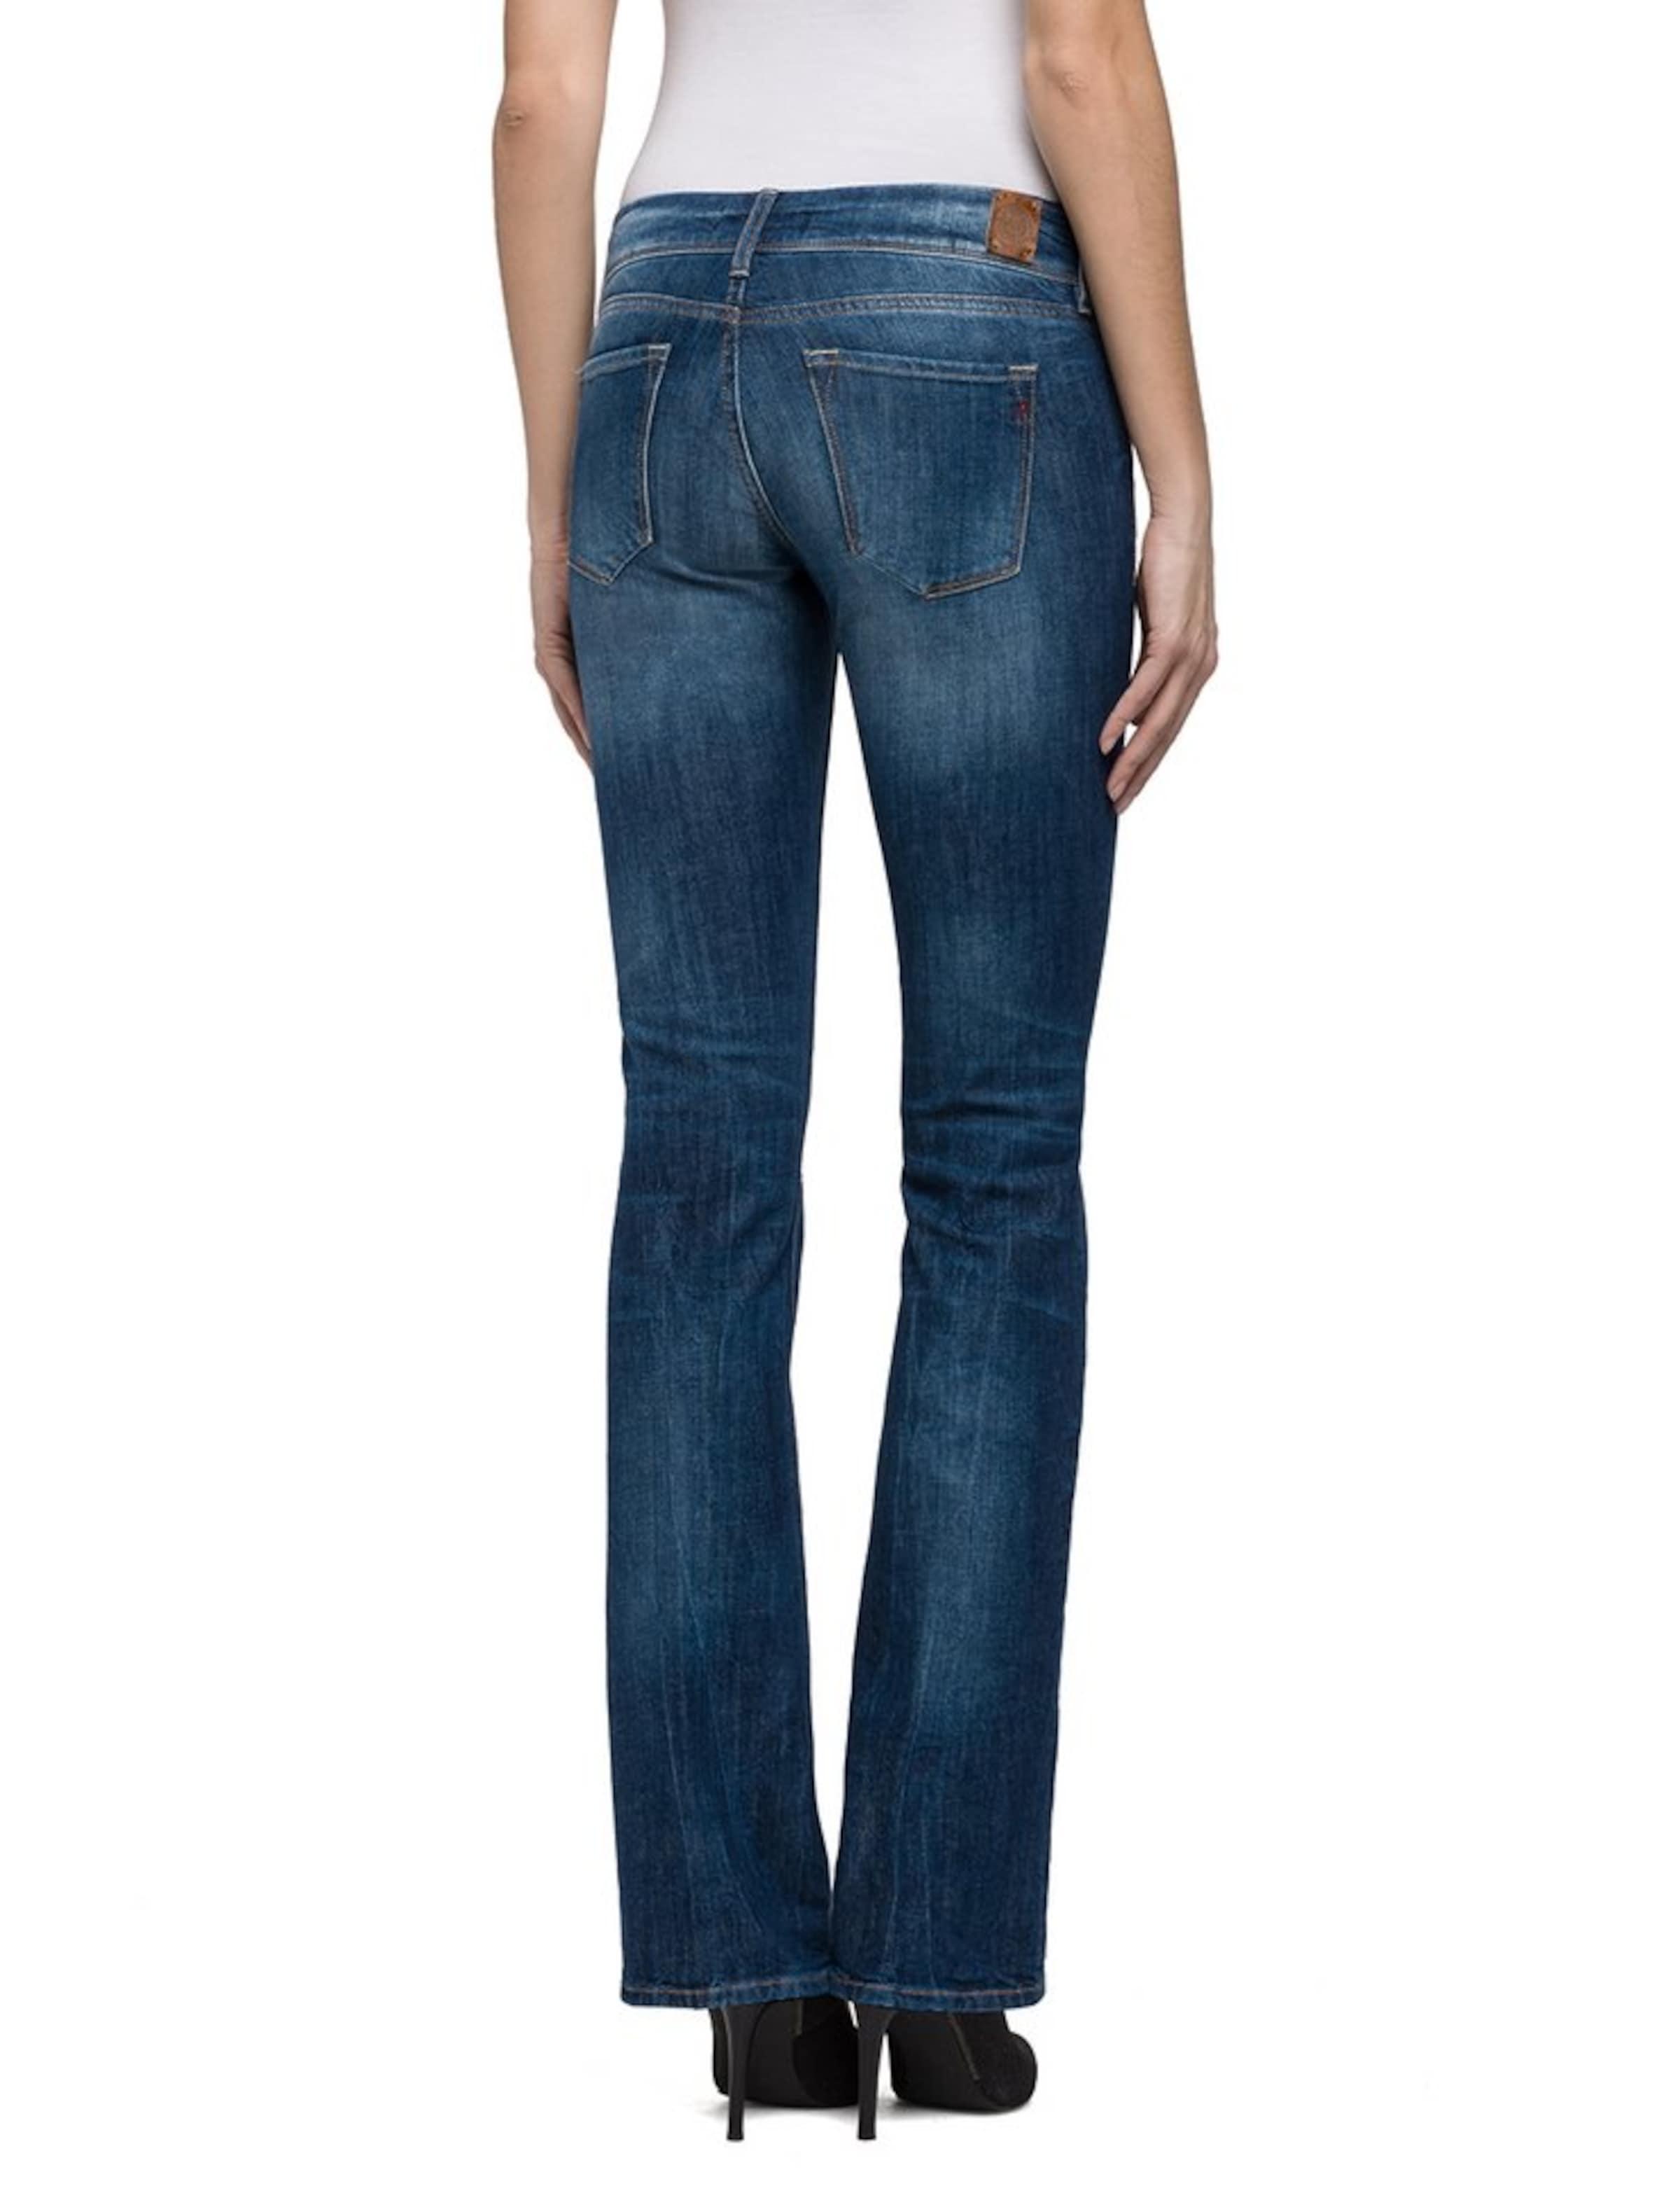 REPLAY Jeans 'LUZ BOOTCUT' Neu Neue Ankunft Art Und Weise Besuchen Neue Online hzTGNr